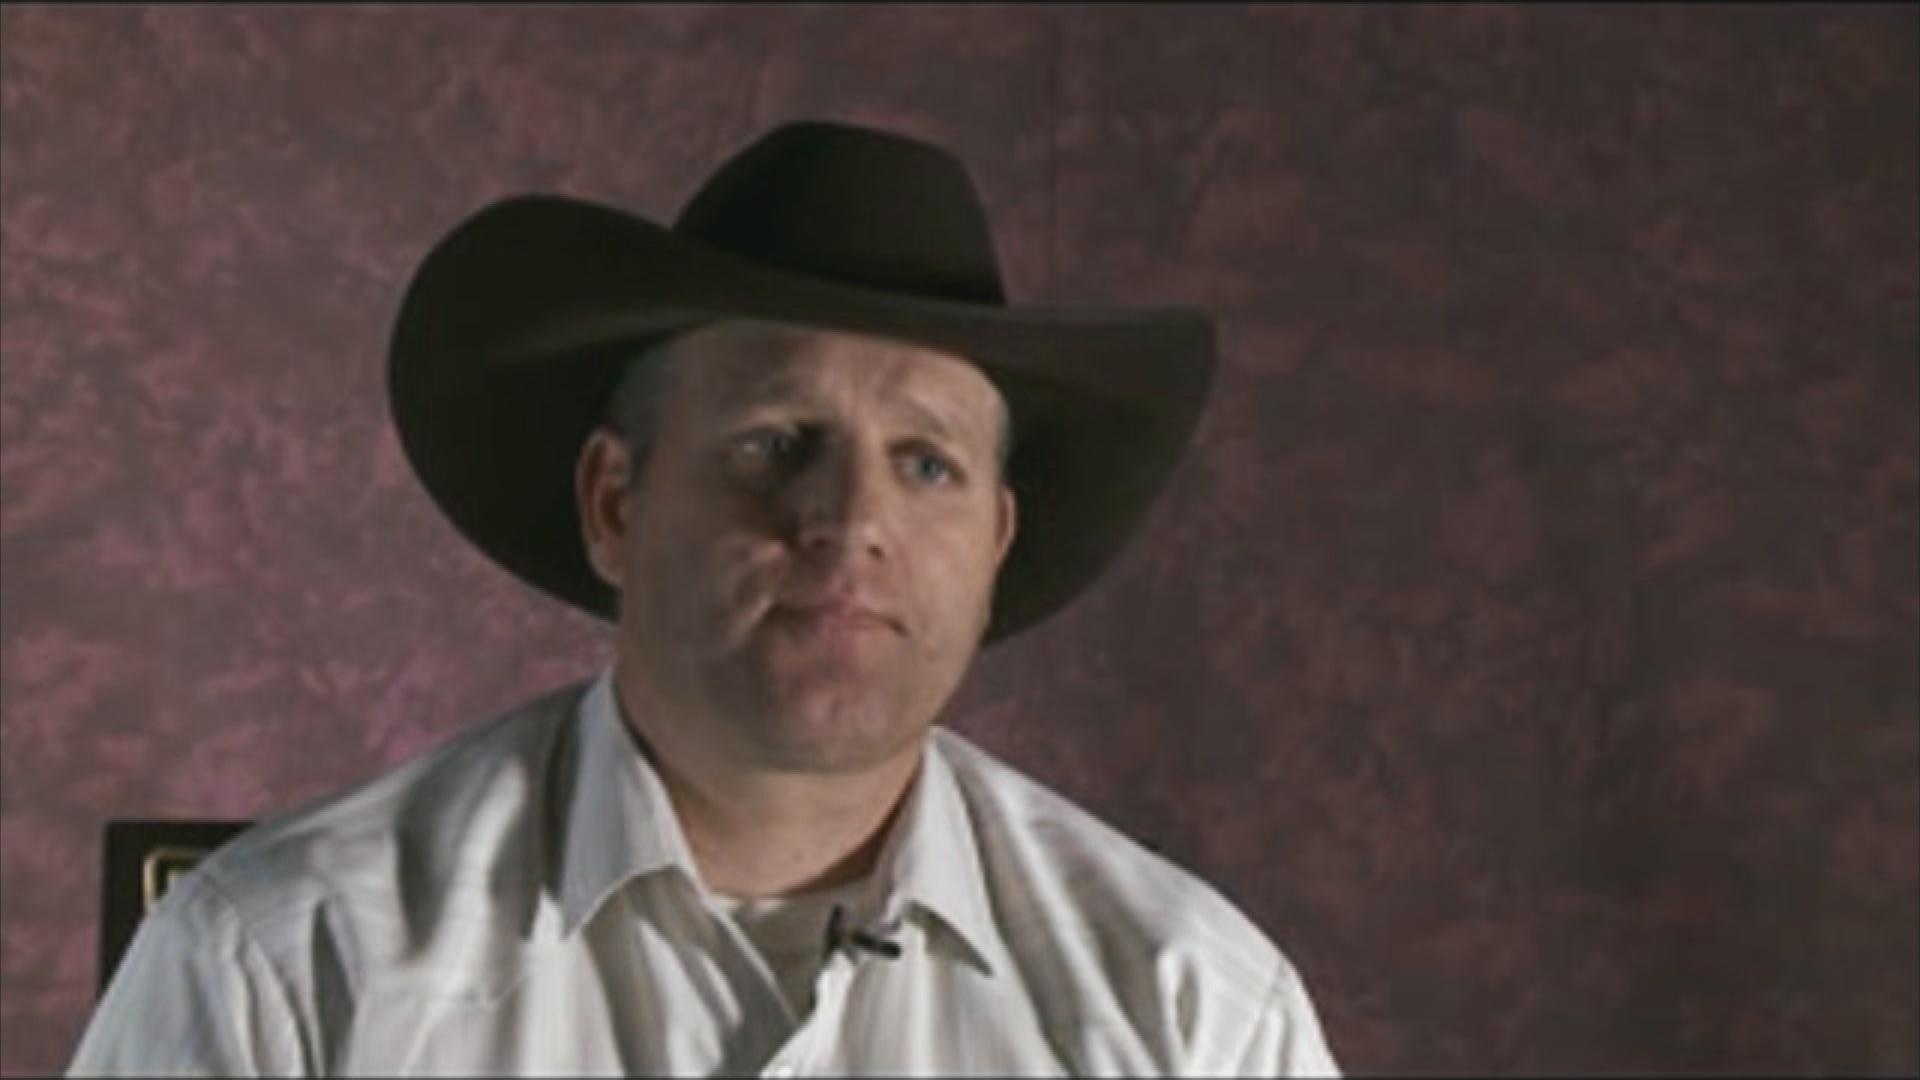 FRONTLINE Obtains Secret Bundy Footage Shot by FBI